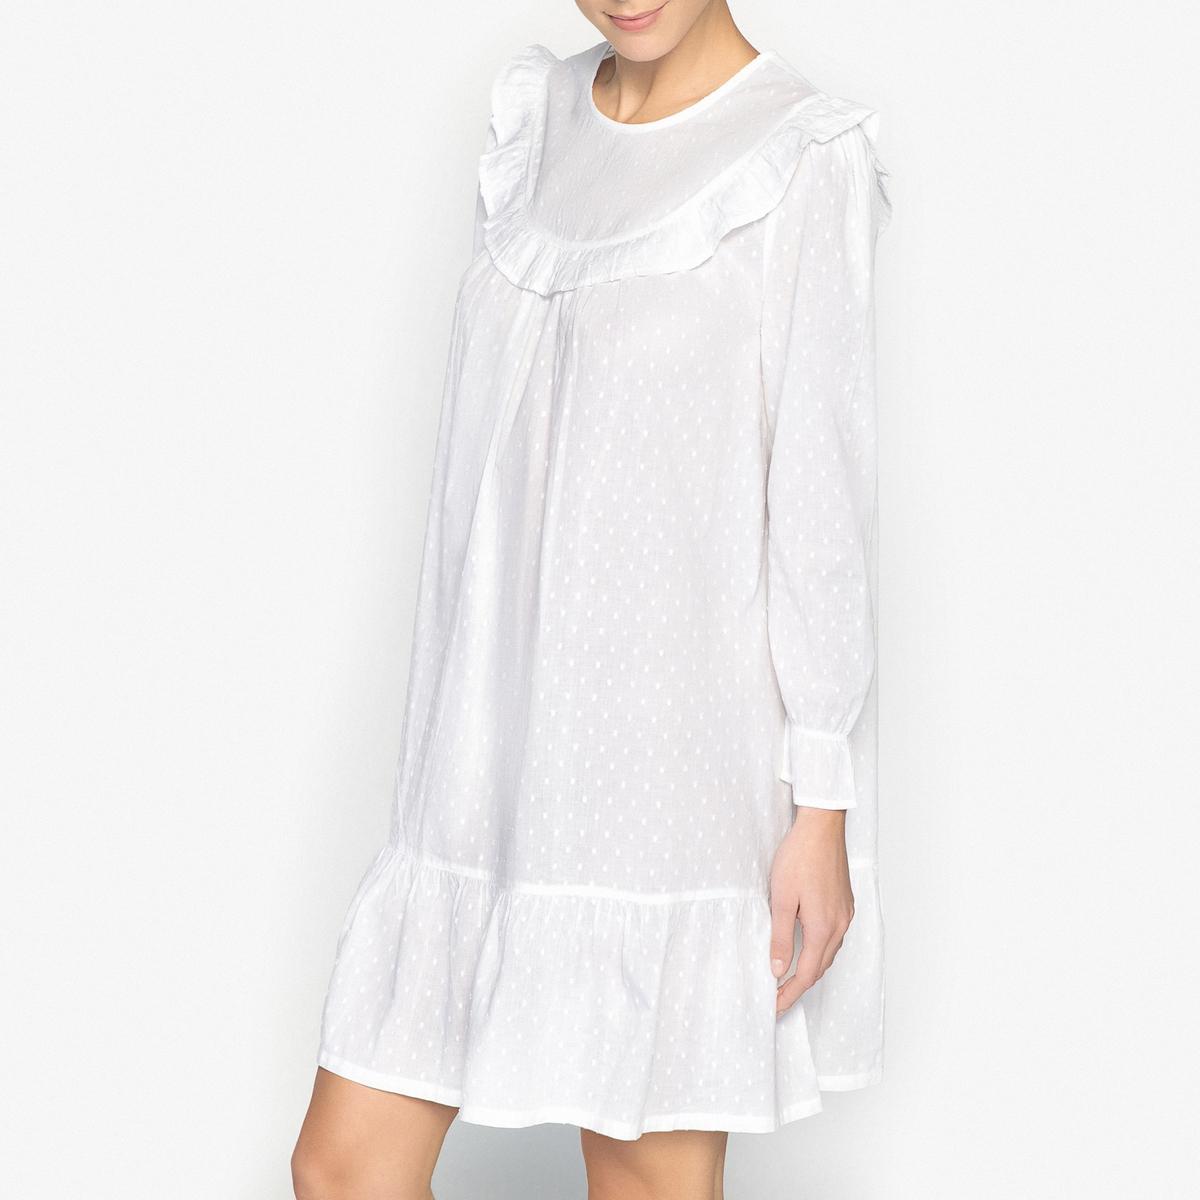 Koszula nocna, tkanina plumetis i falbanki